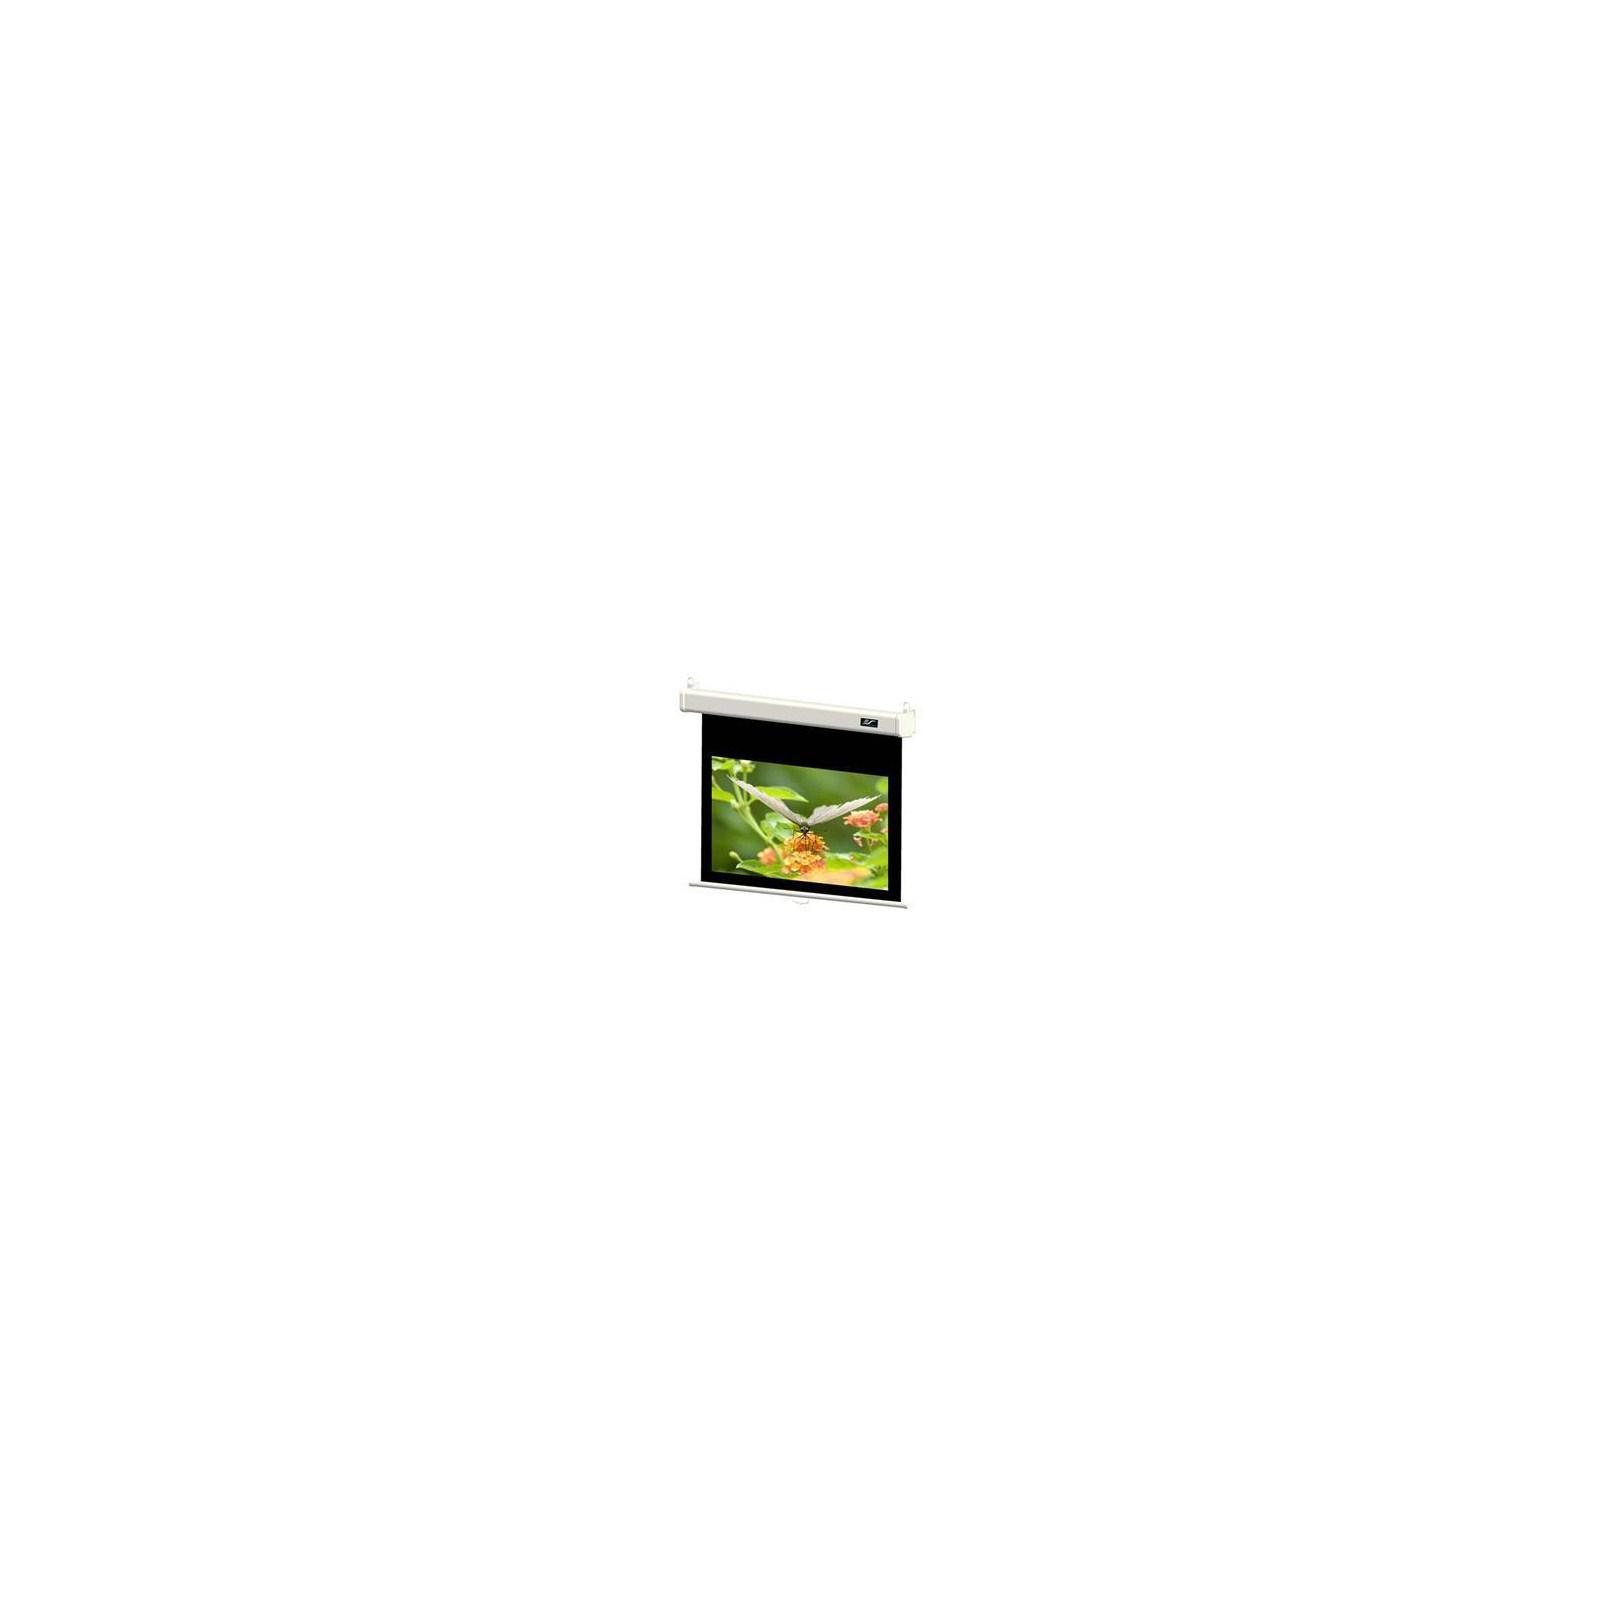 Проекционный экран M100VSR-PRO ELITE SCREENS